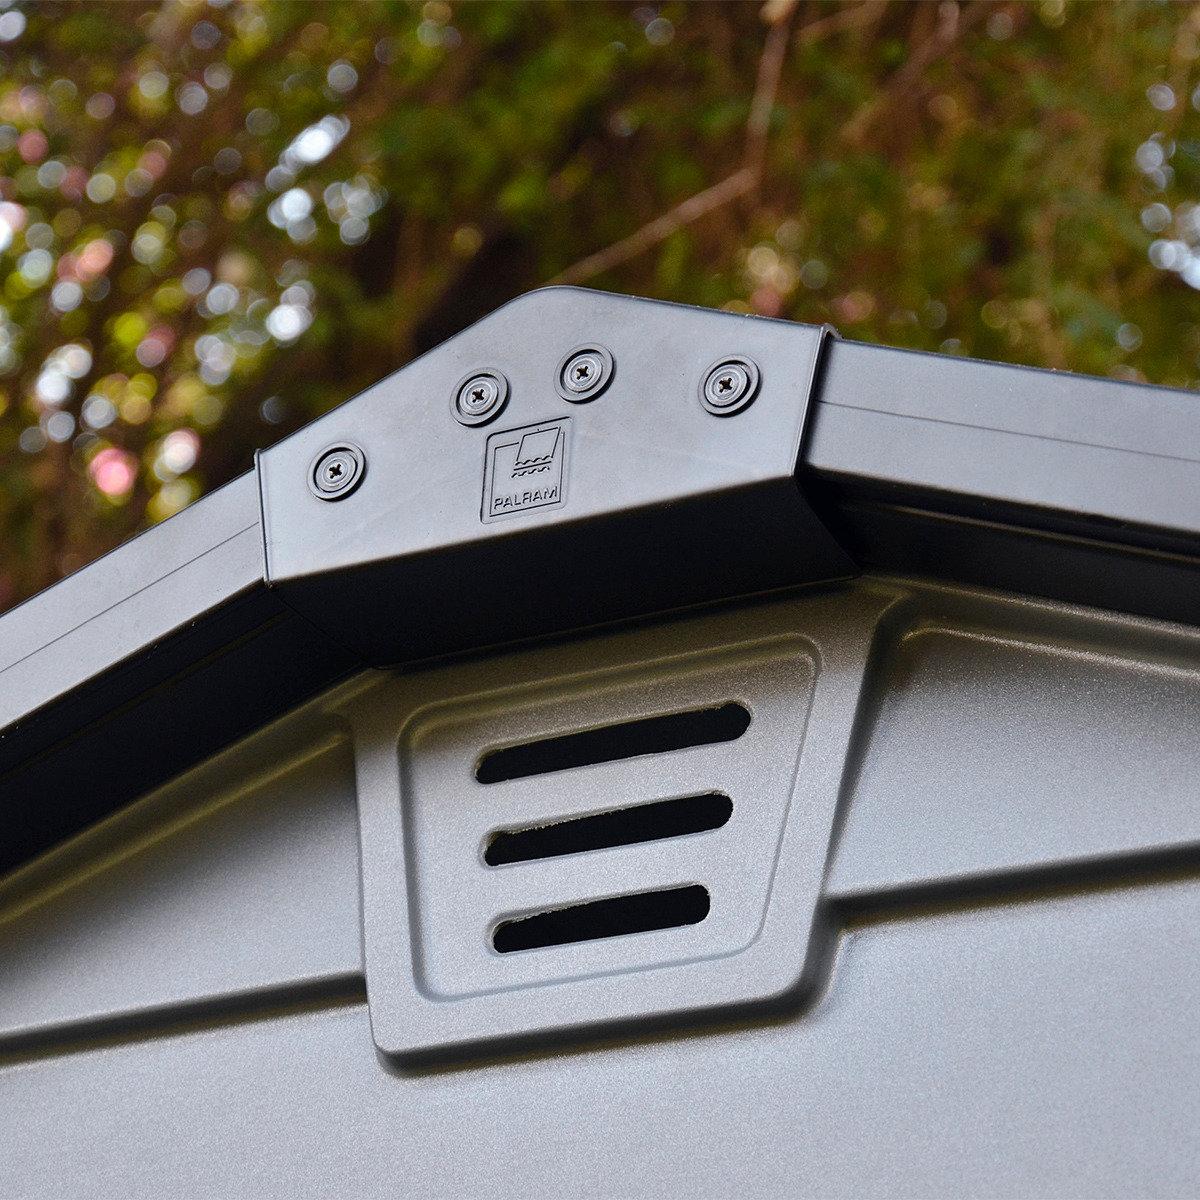 Skylight Gartenschuppen 6x8' grau, inkl. Boden | #3